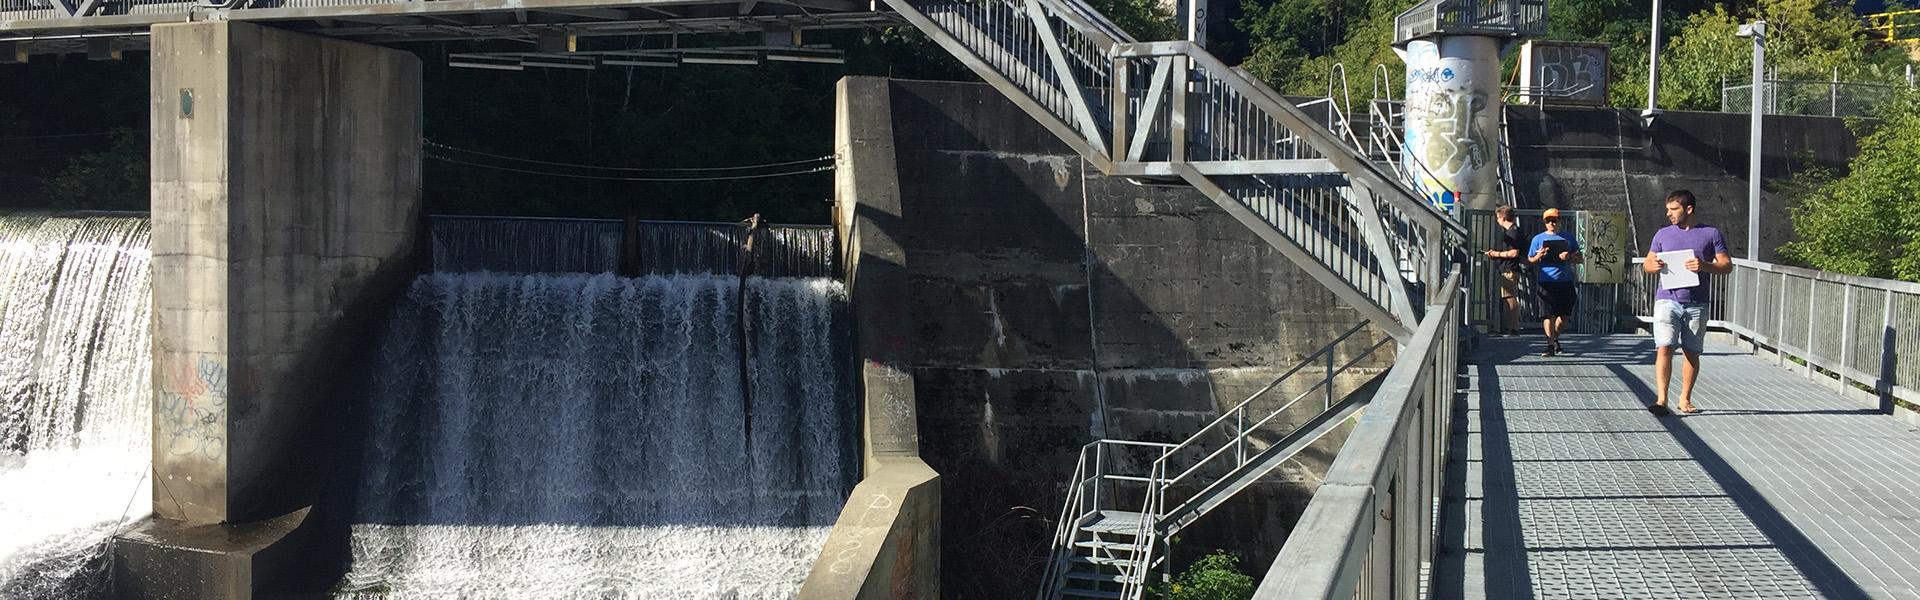 Travaux d'inspection barrage